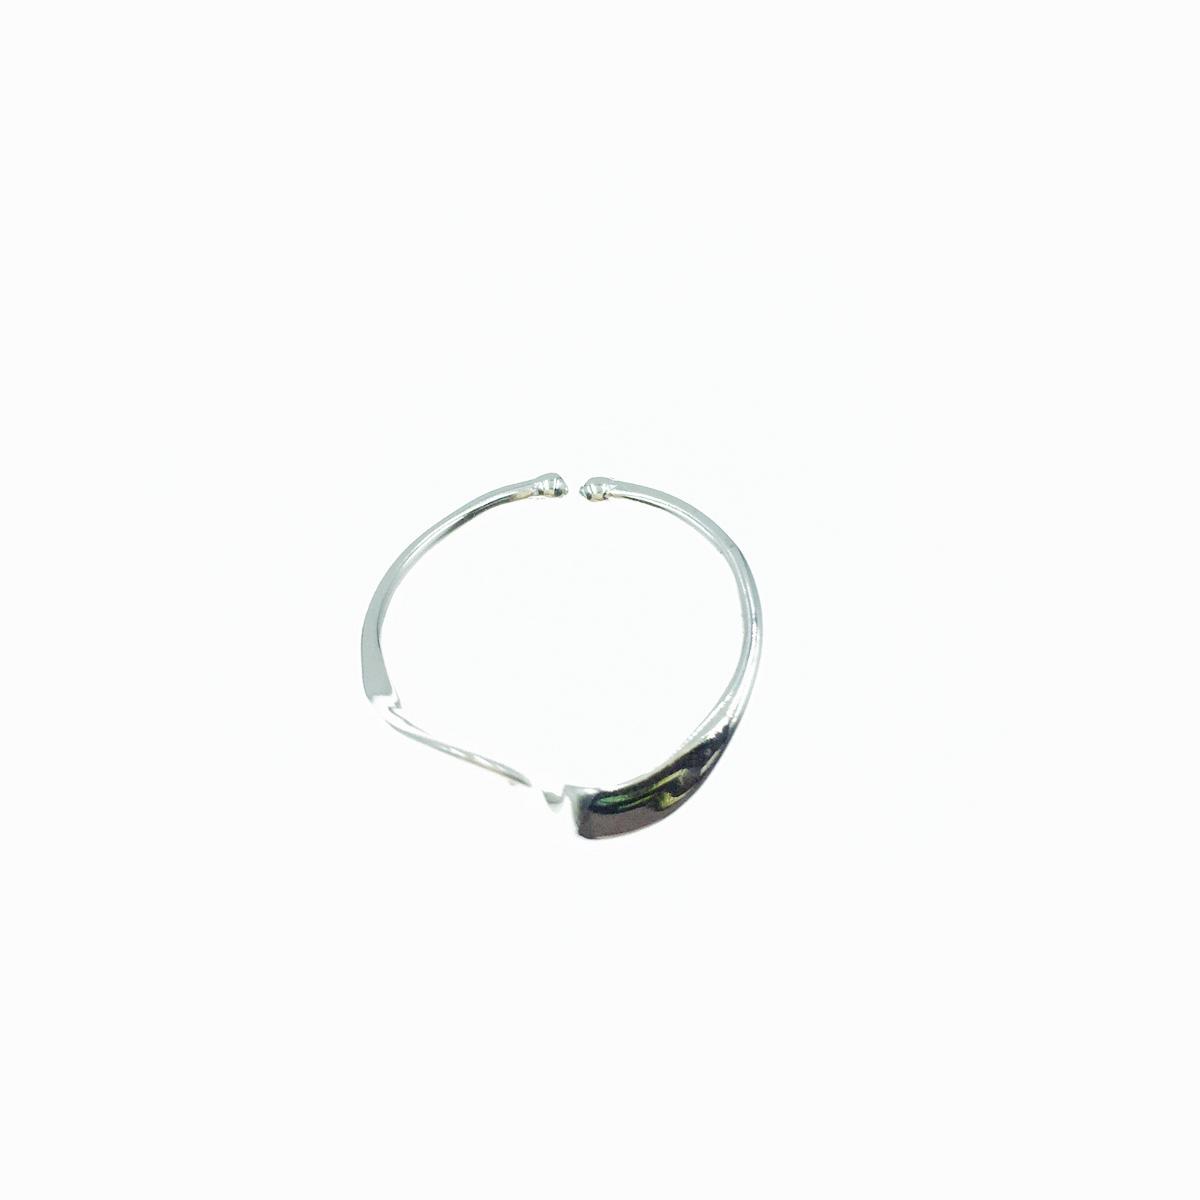 韓國 925純銀 波浪曲線 可調式 戒指